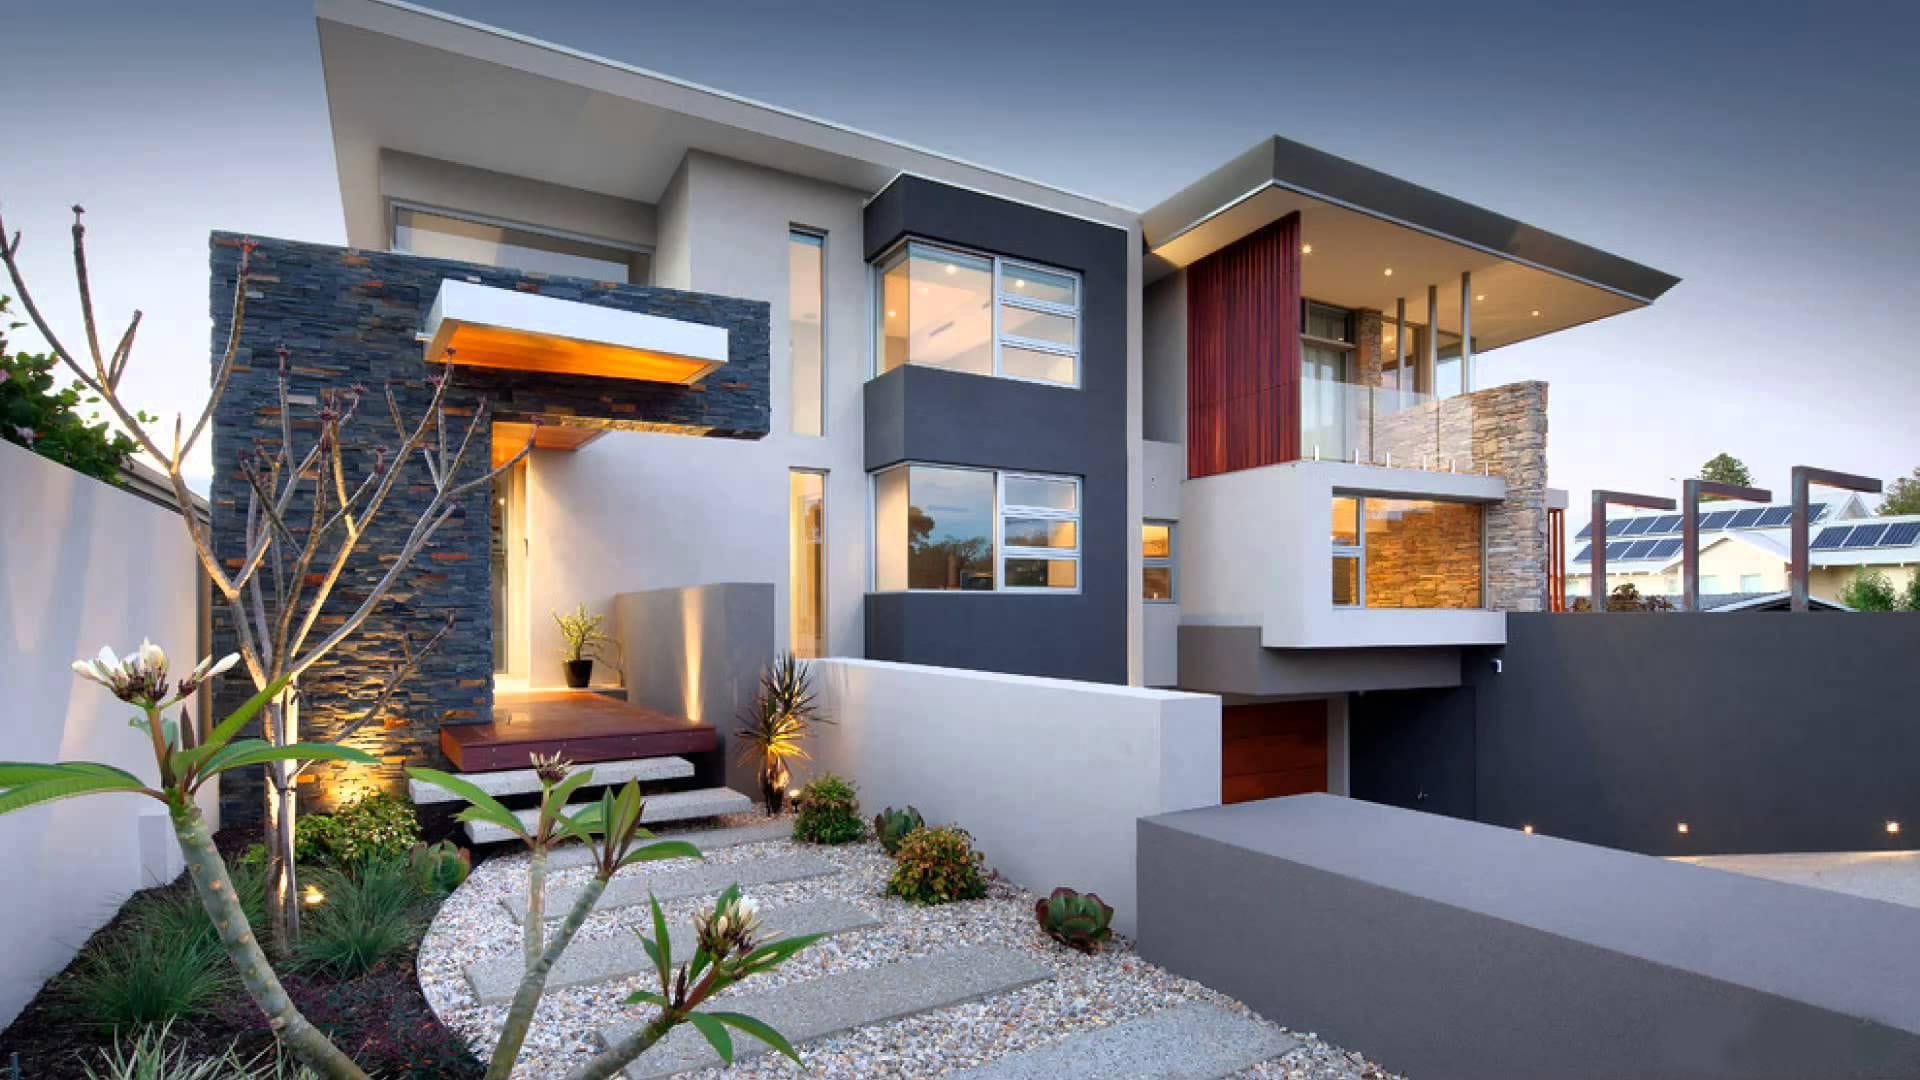 100 лучших идей дизайна: дома в стиле хай-тек (снаружи) на ф.